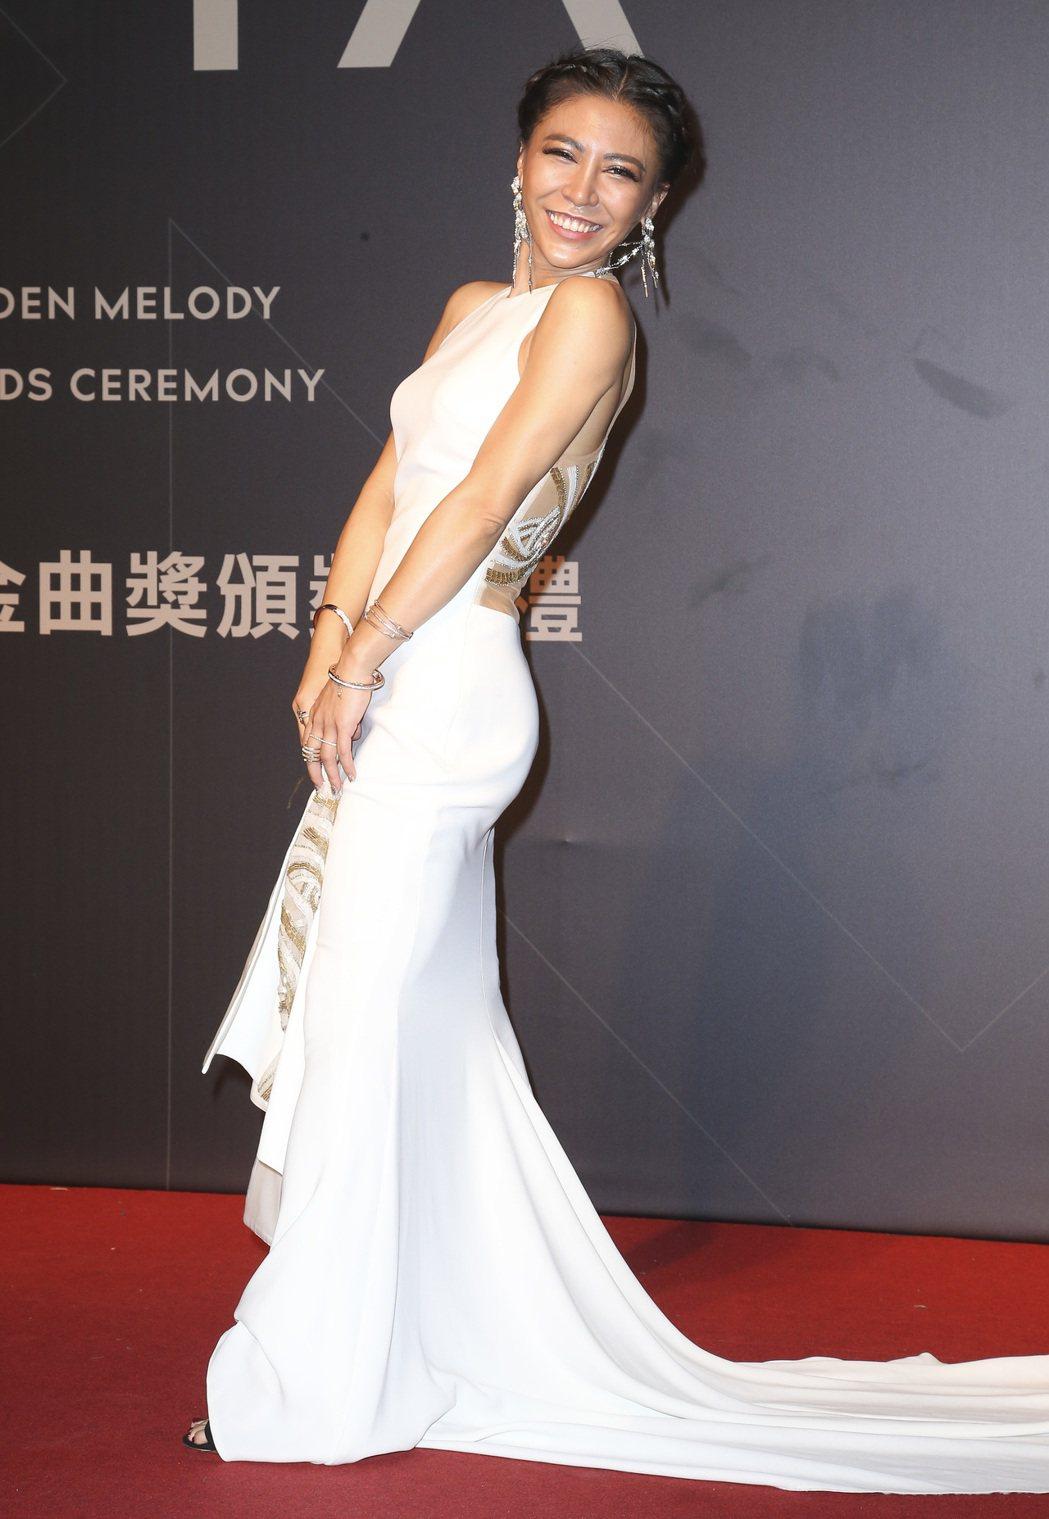 28屆金曲獎,艾怡良走星光大道。記者陳立凱/攝影